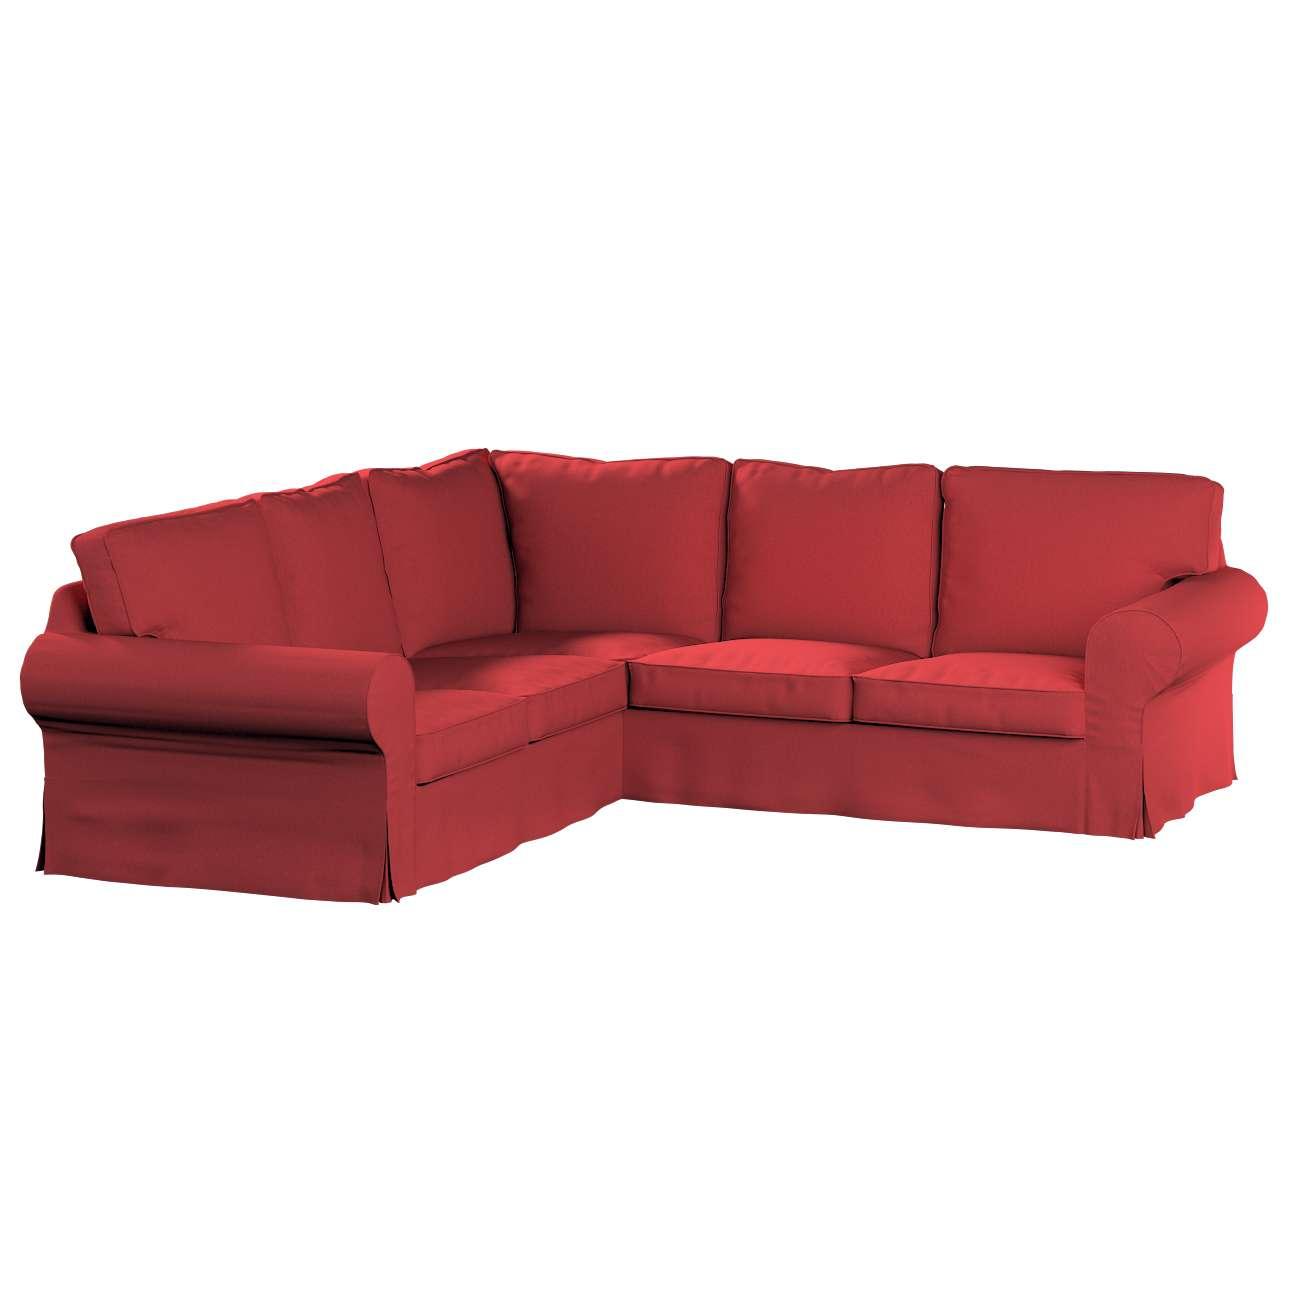 Pokrowiec na sofę narożną Ektorp w kolekcji Living, tkanina: 161-56